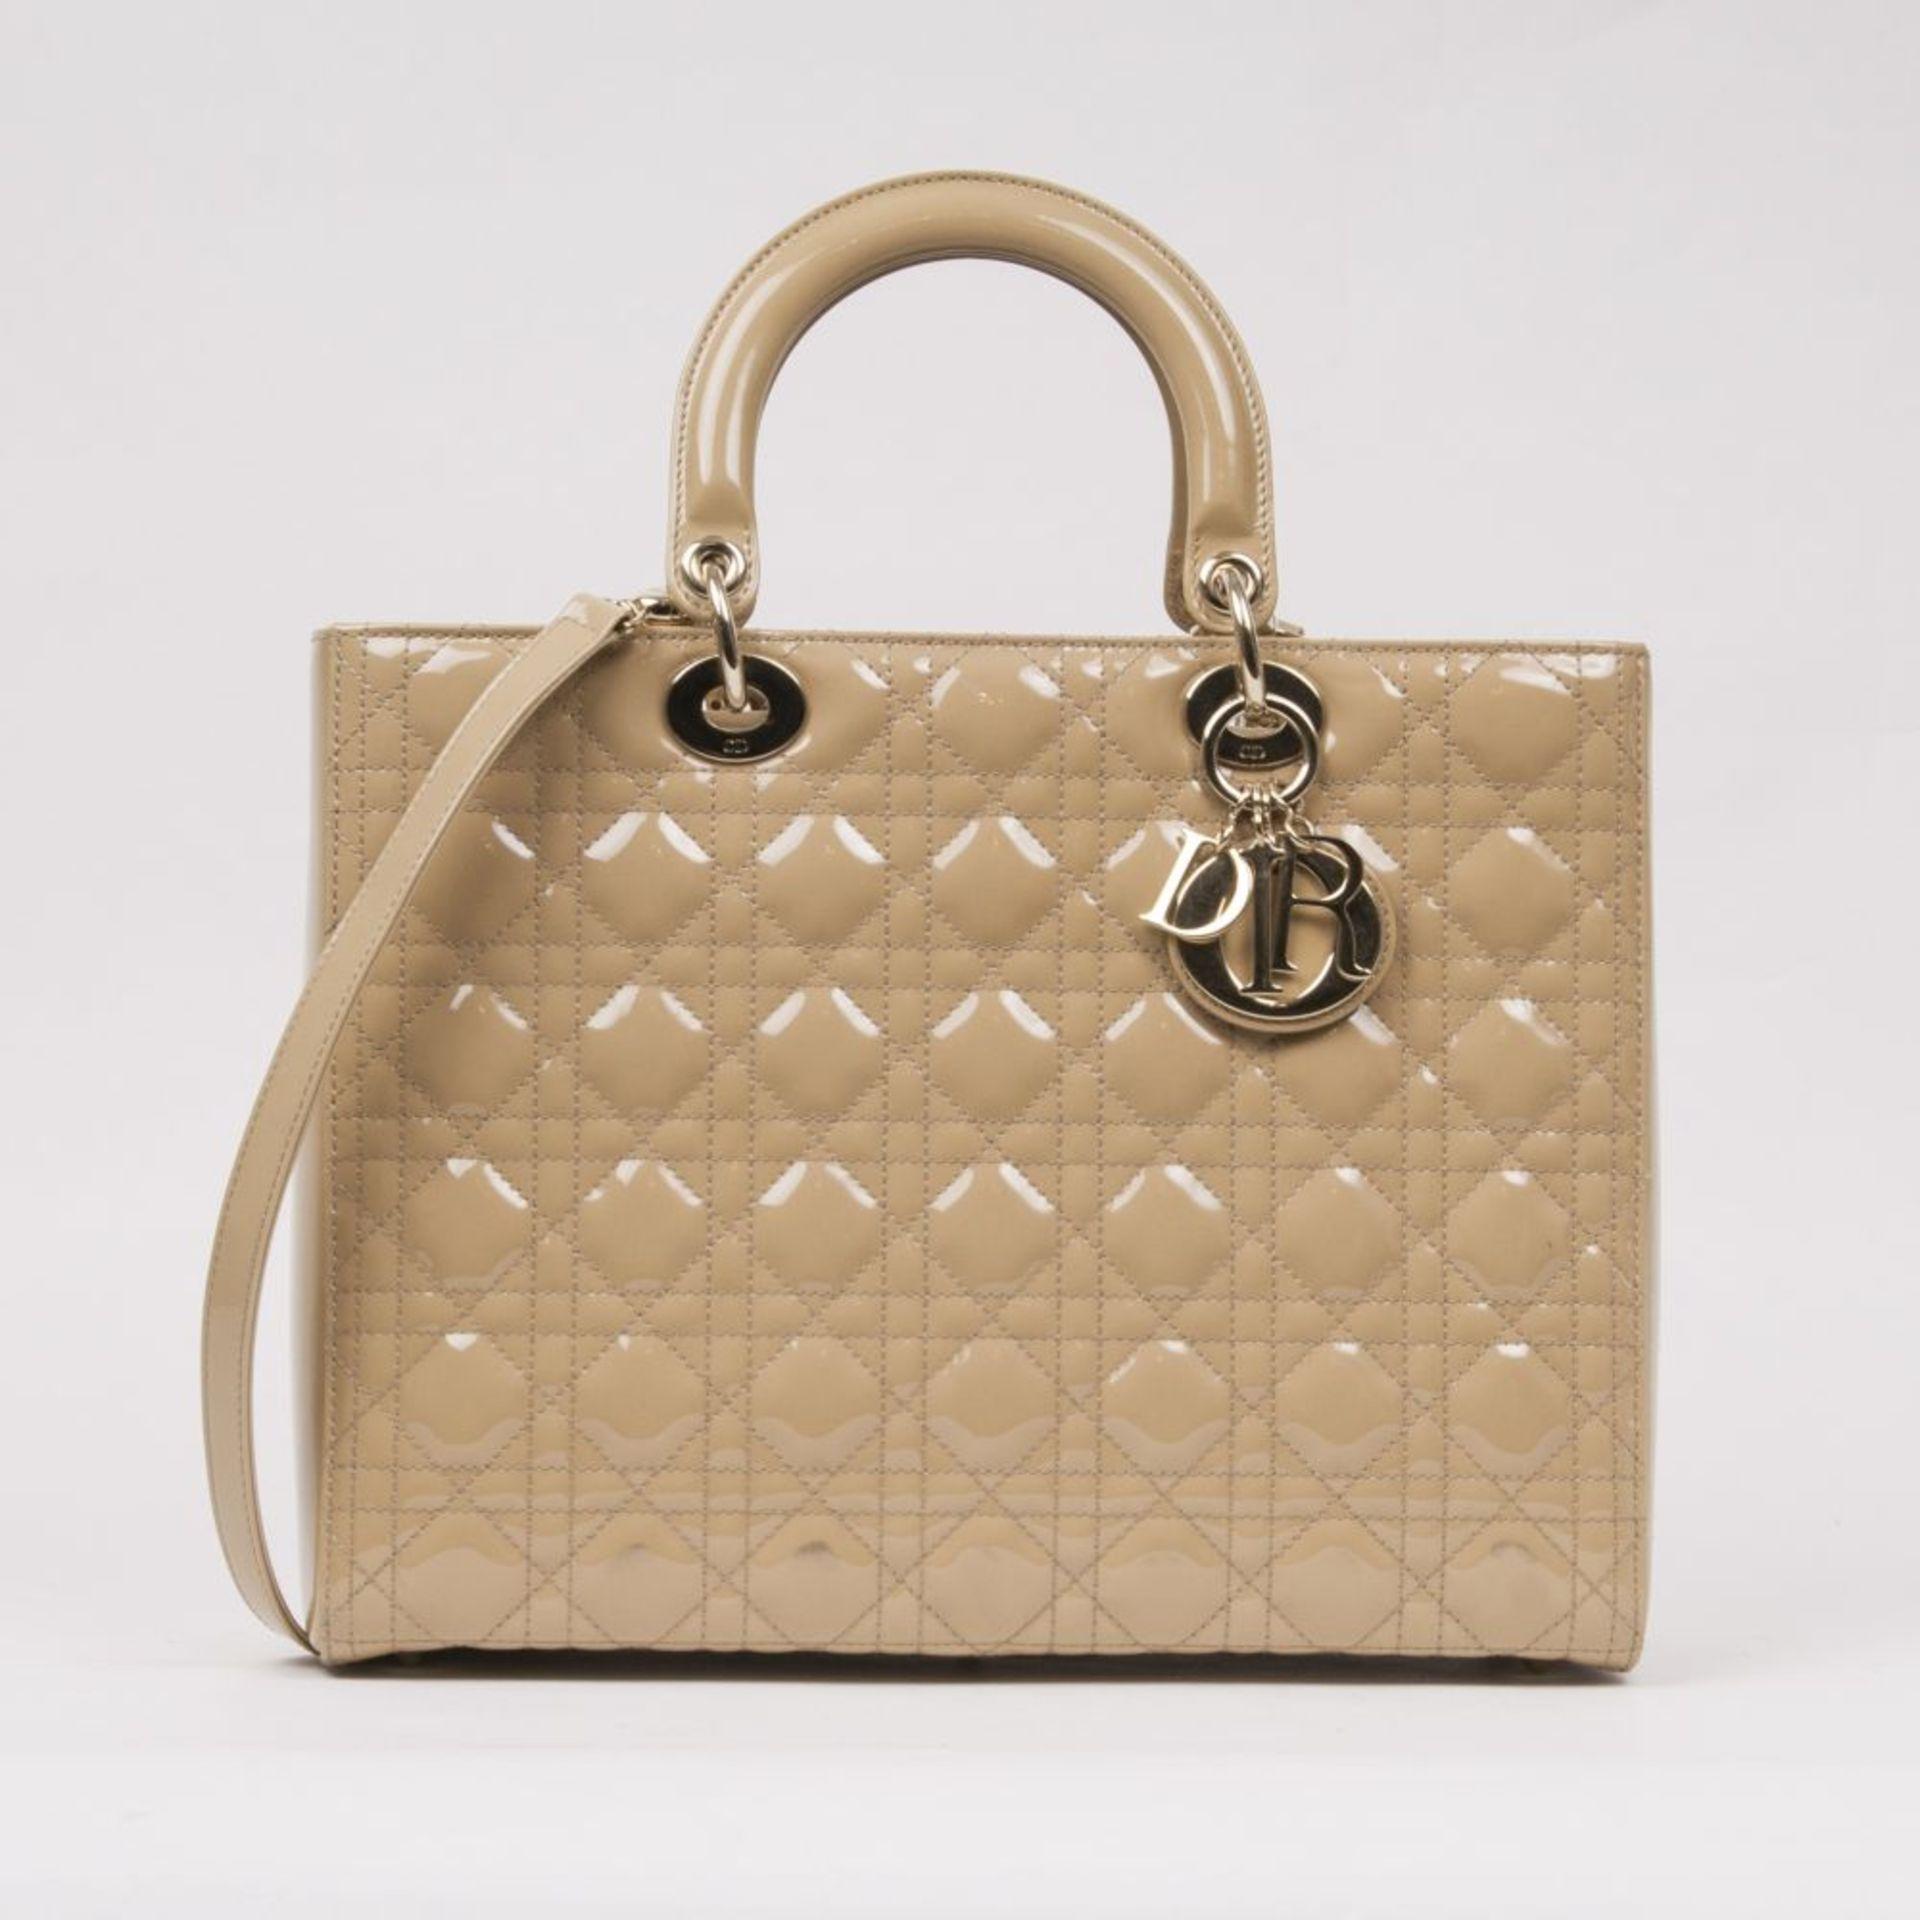 Christian Dior. Lady Dior Bag Beige.